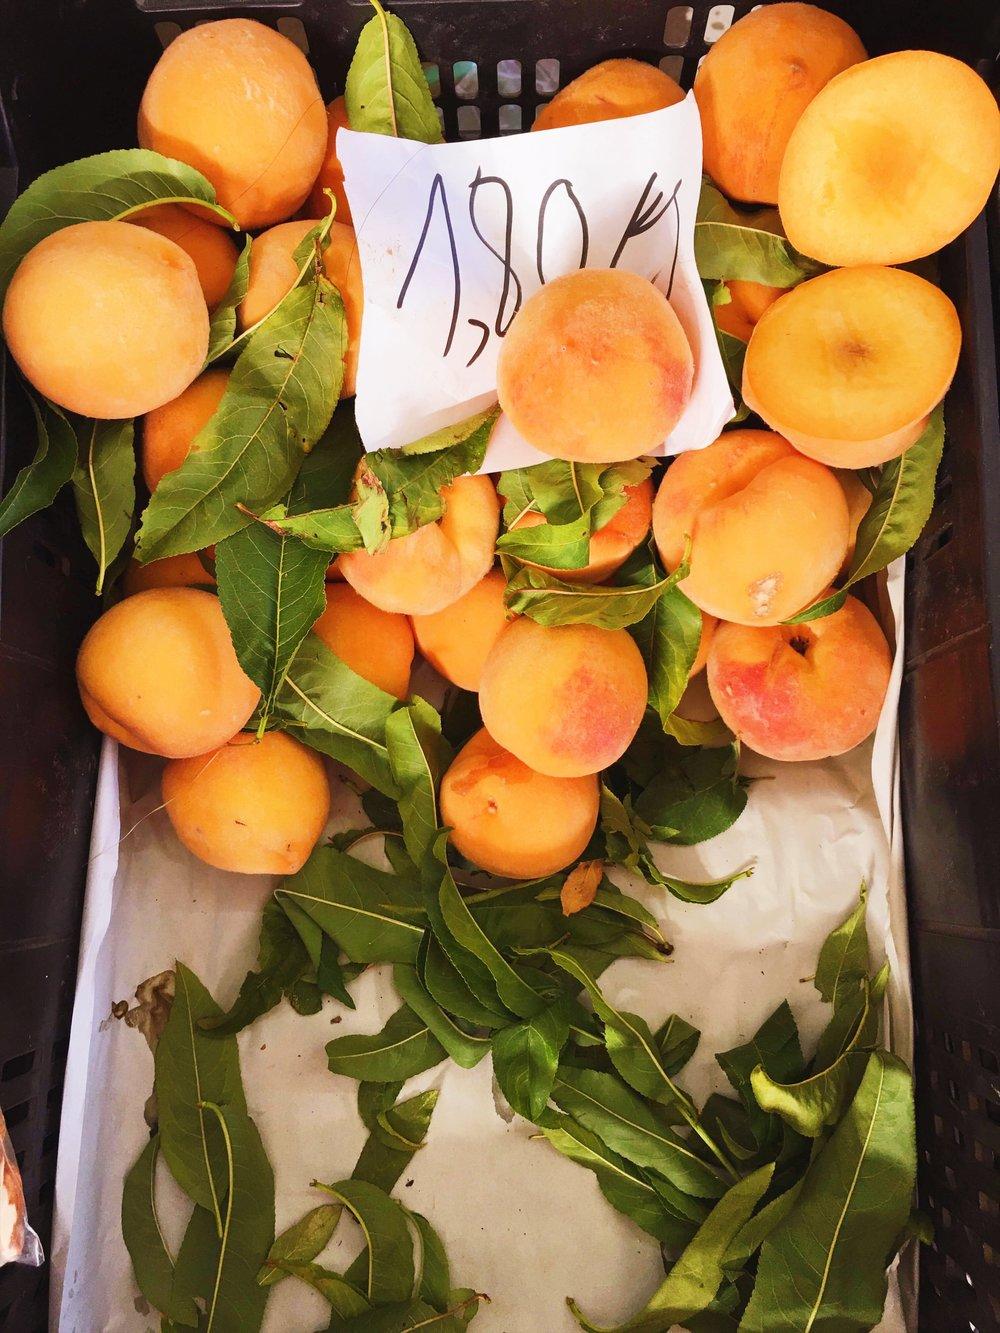 Peaches-farmers-market.jpg